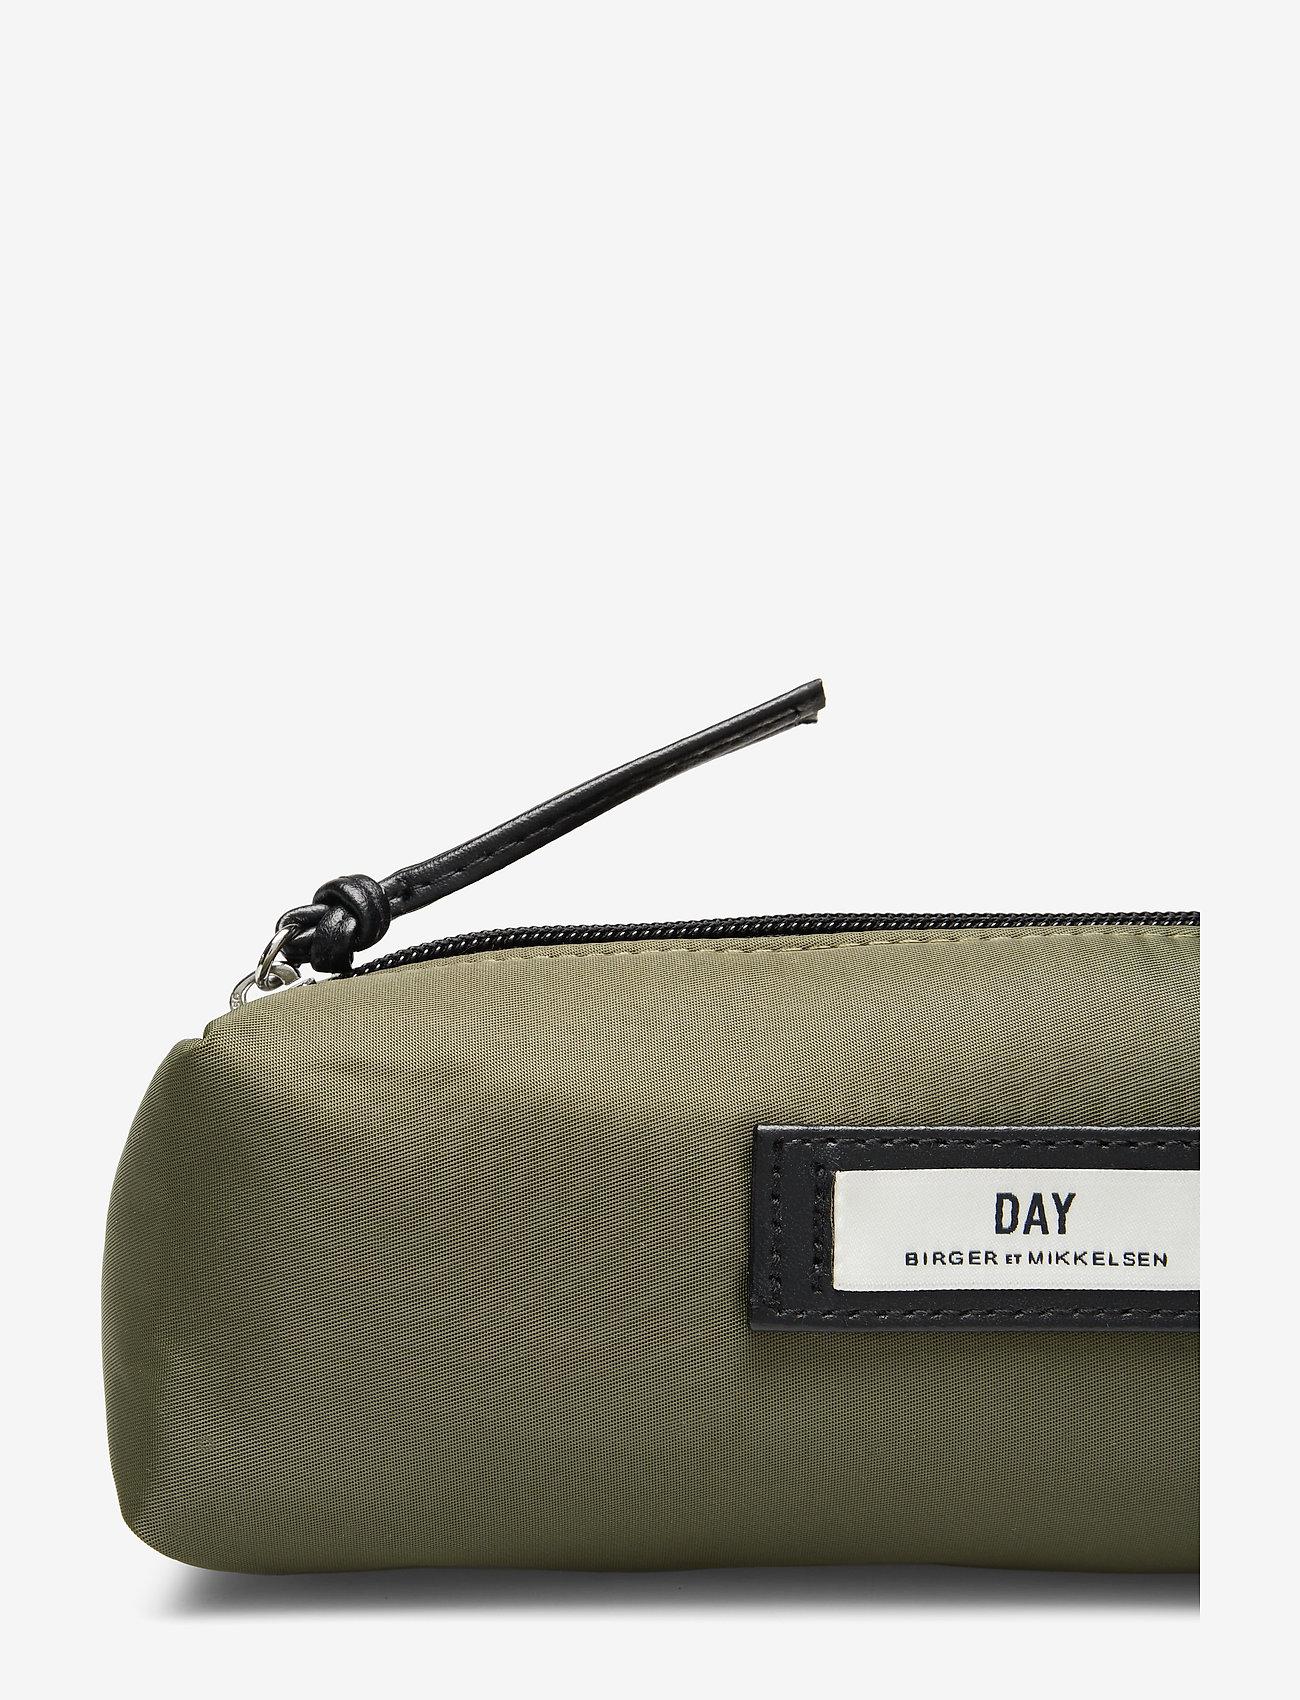 Day Gweneth Pencil (Soldier) - DAY et 3GfeJ4